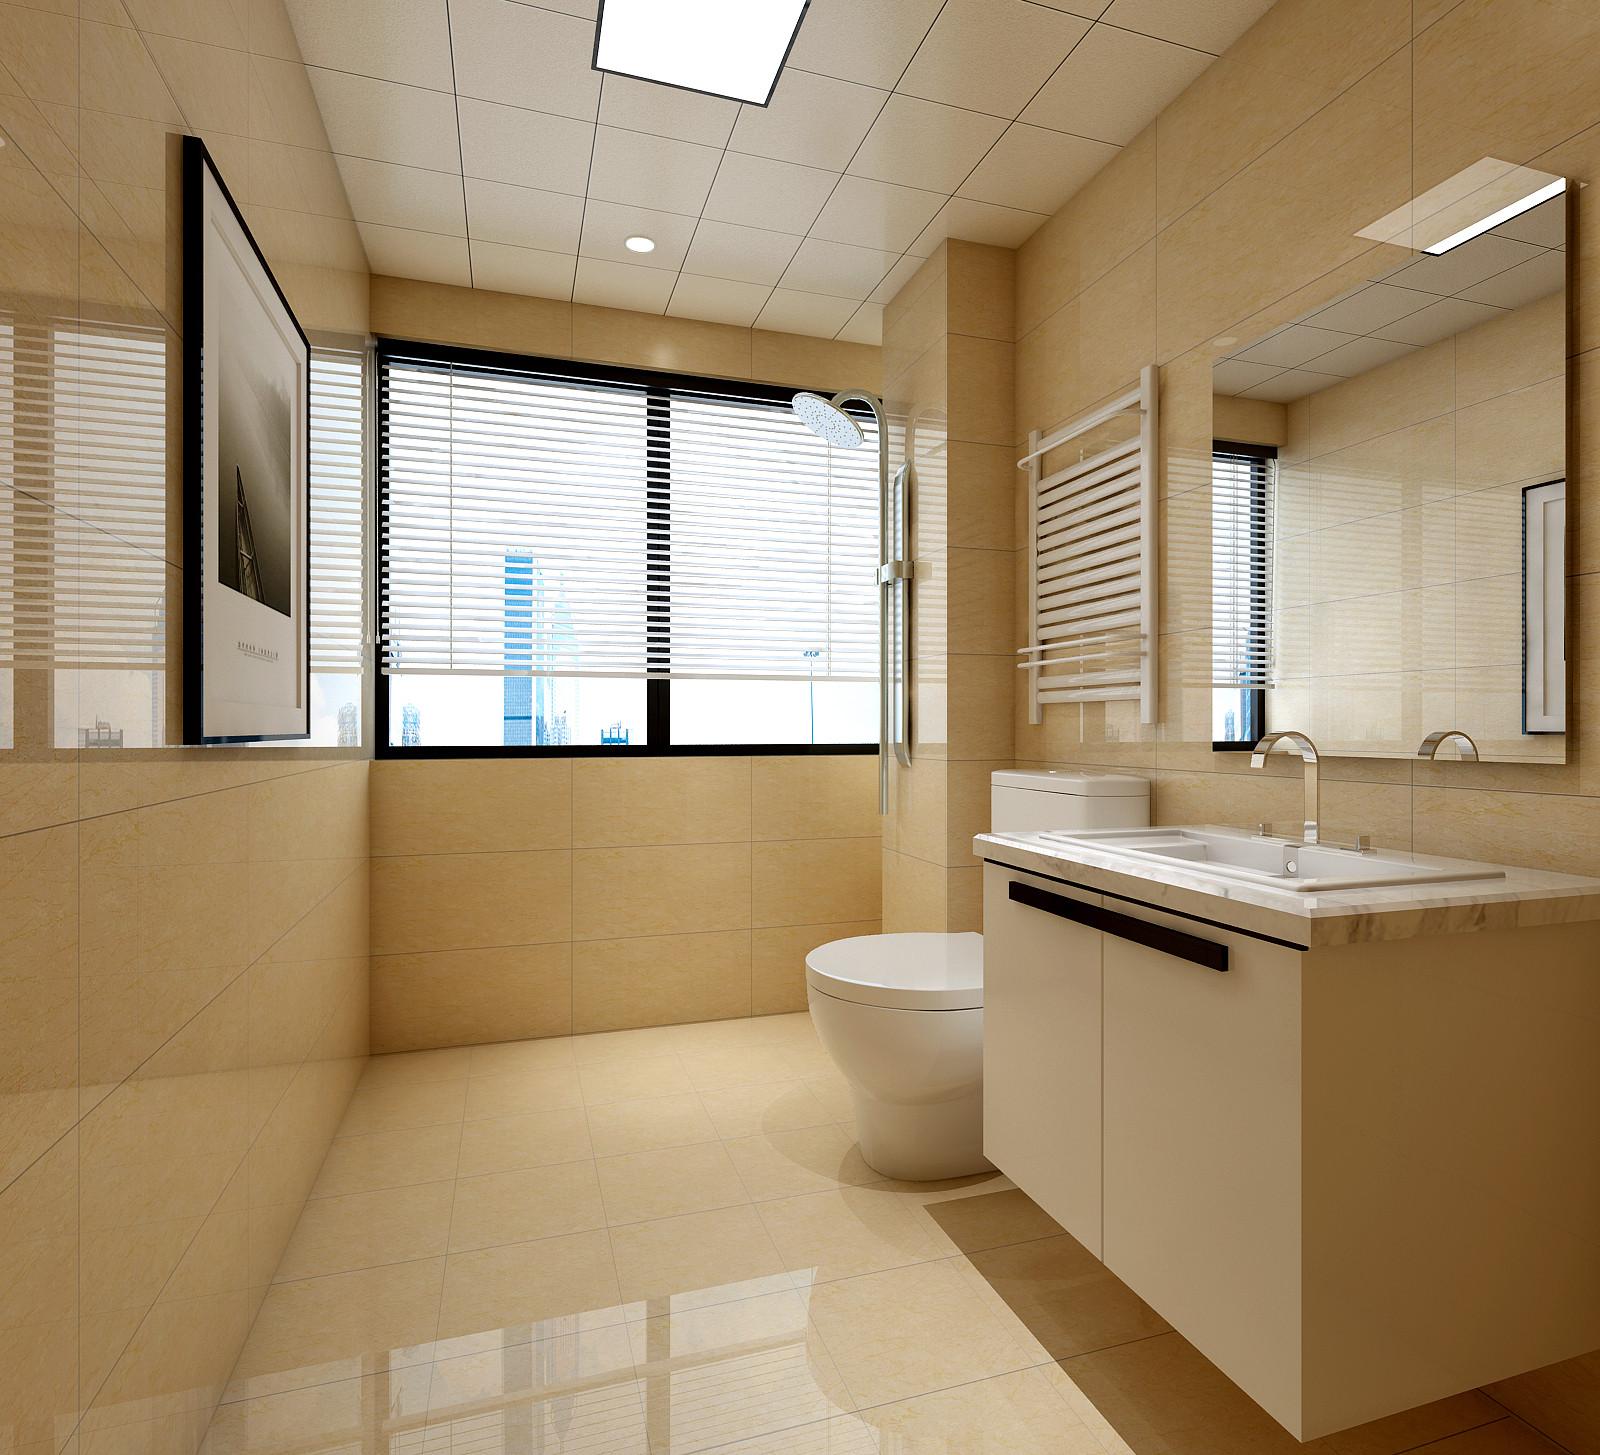 130㎡中式风格装修卫生间效果图